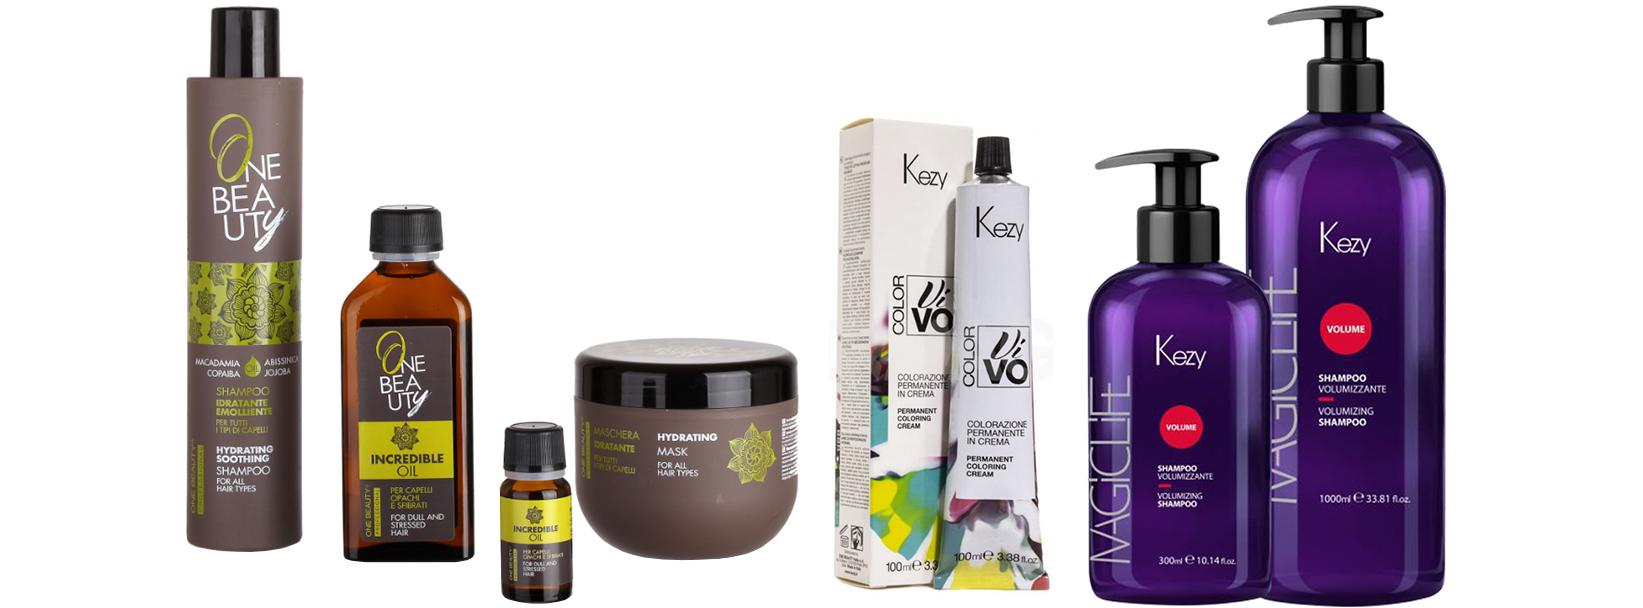 Kezy косметика для волос купить в спб купить оптом китайскую косметику в новосибирске